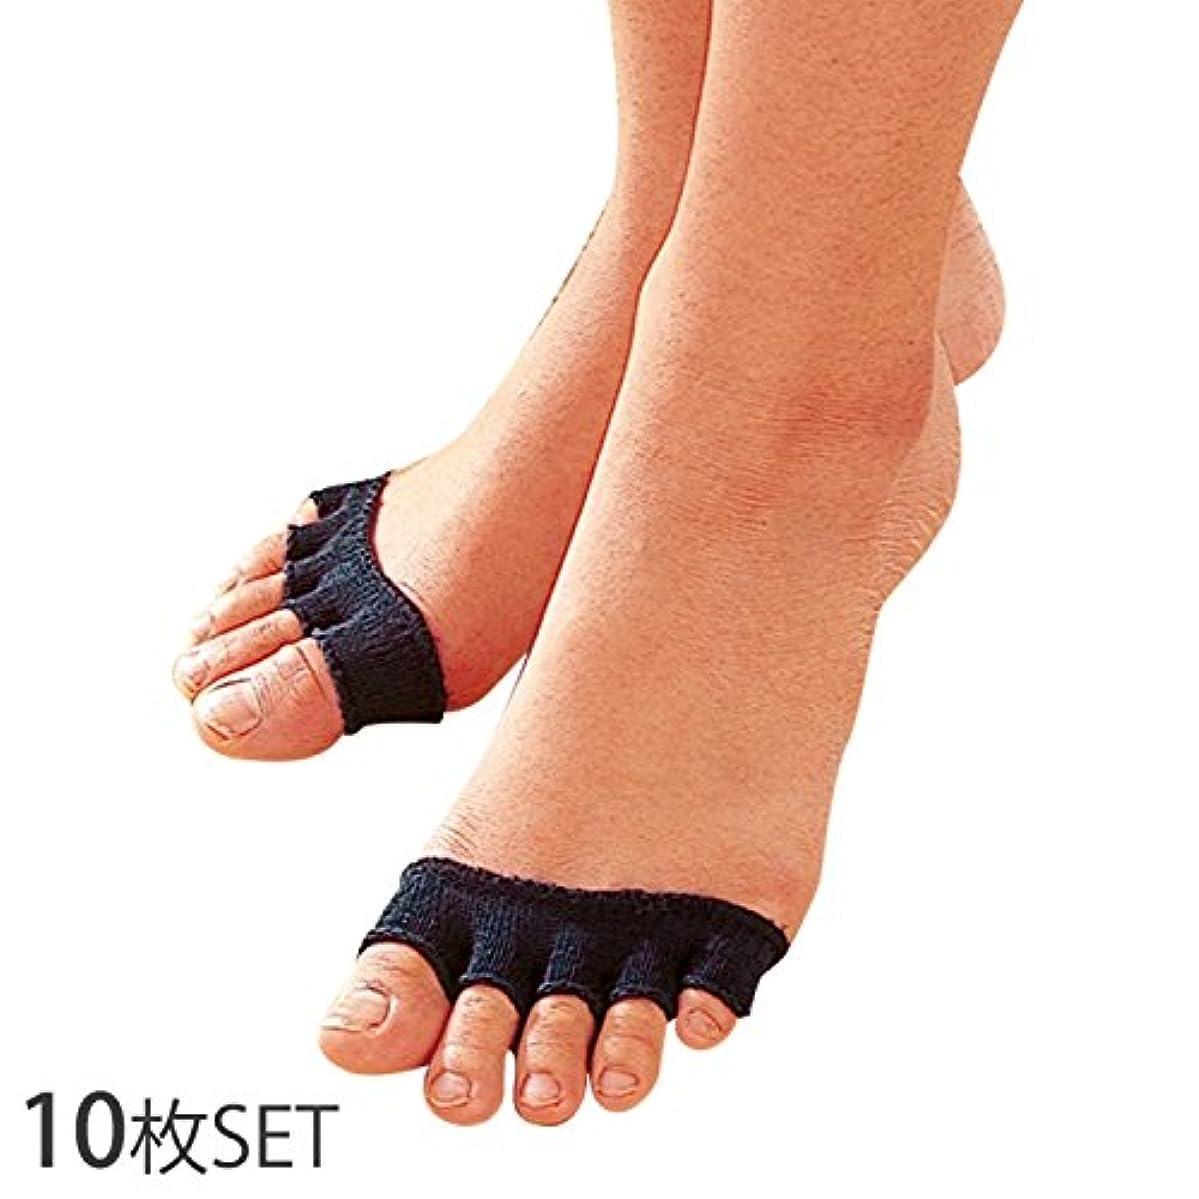 フック洋服形状足指カバー 5本指 男女兼用 指先なし 5本指靴下 抗菌防臭加工 消臭 ひのき指の間カバー 10枚セット 紺